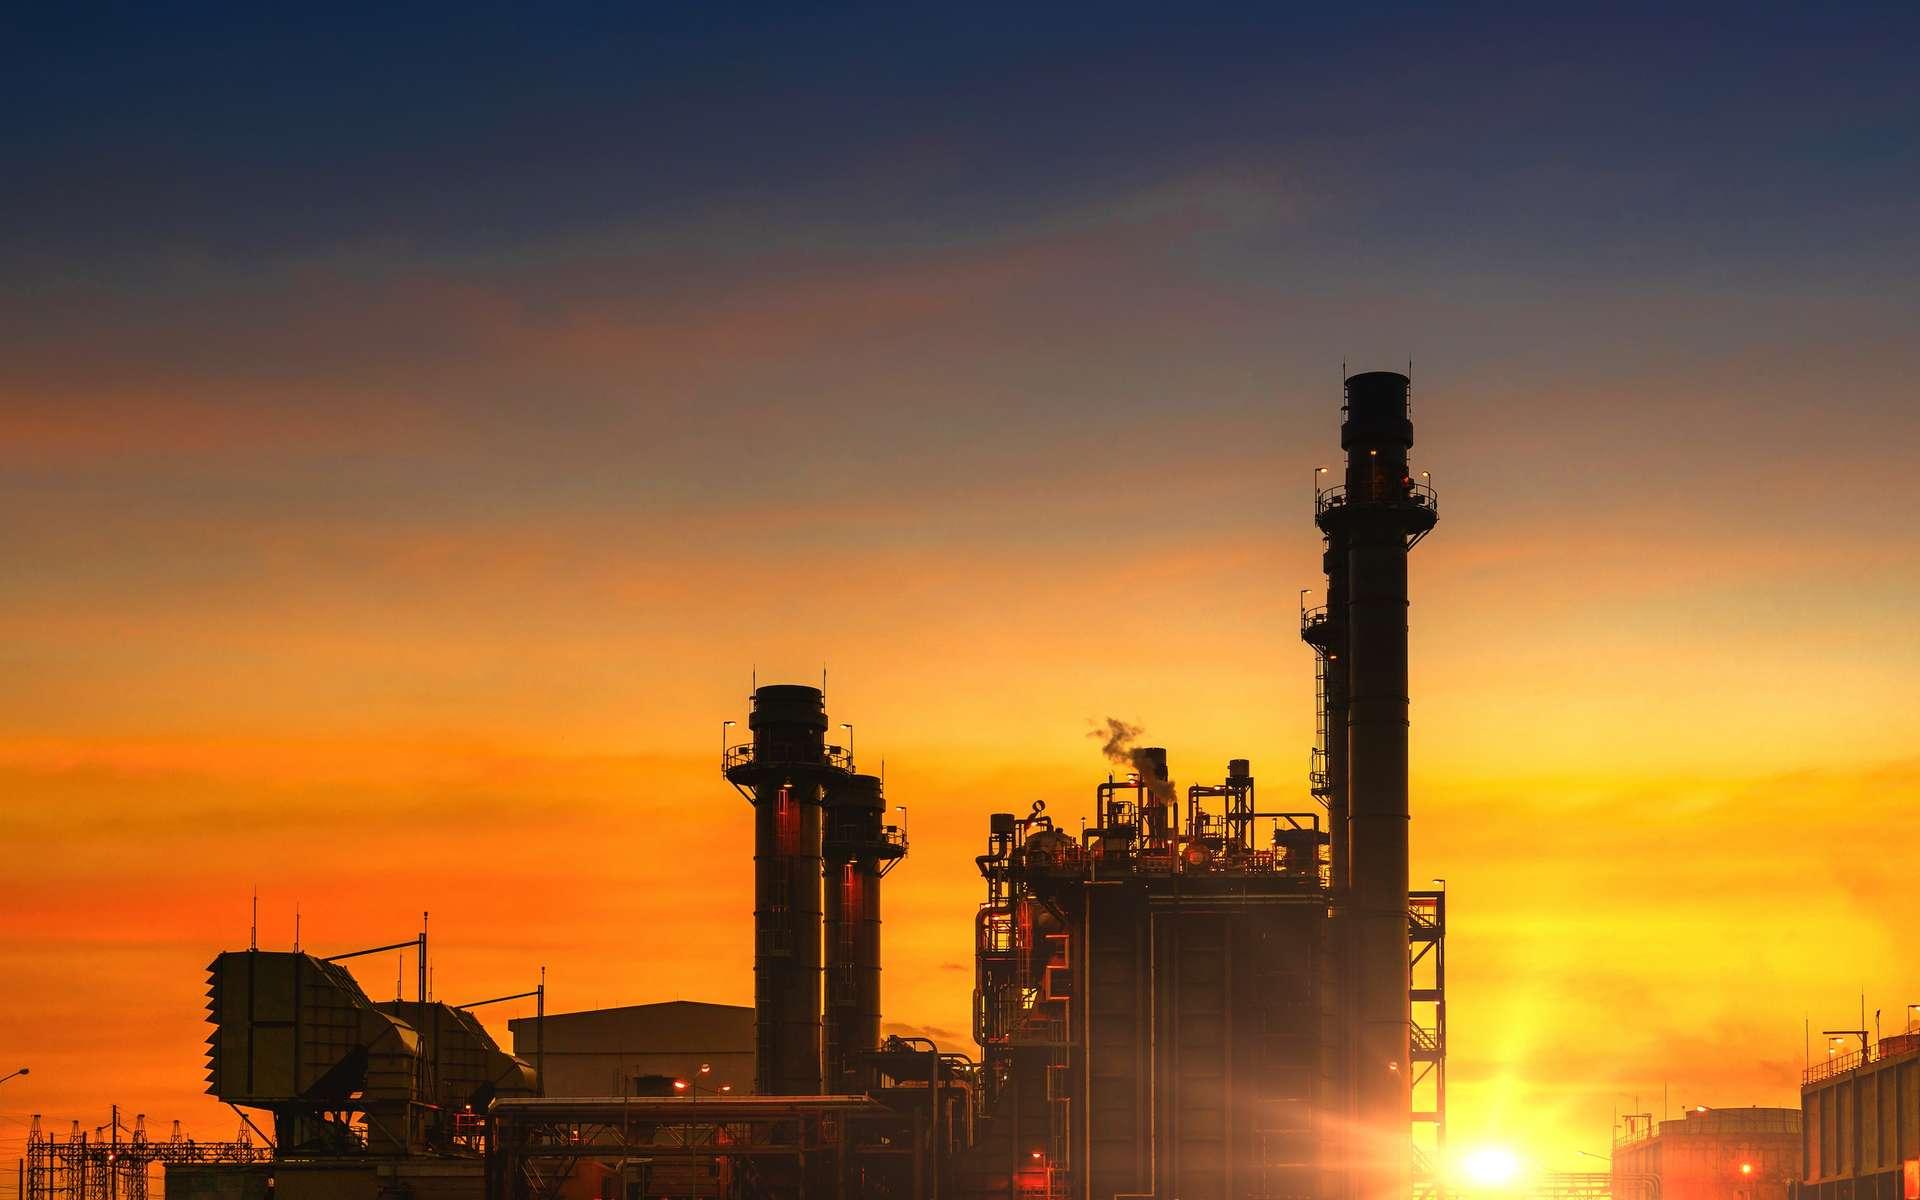 Une usine de captage/stockage du dioxyde de carbone (CO2) vient d'être mise en service du côté de l'Islande. Un modèle à suivre ? © JT Jeeraphun, Adobe Stock